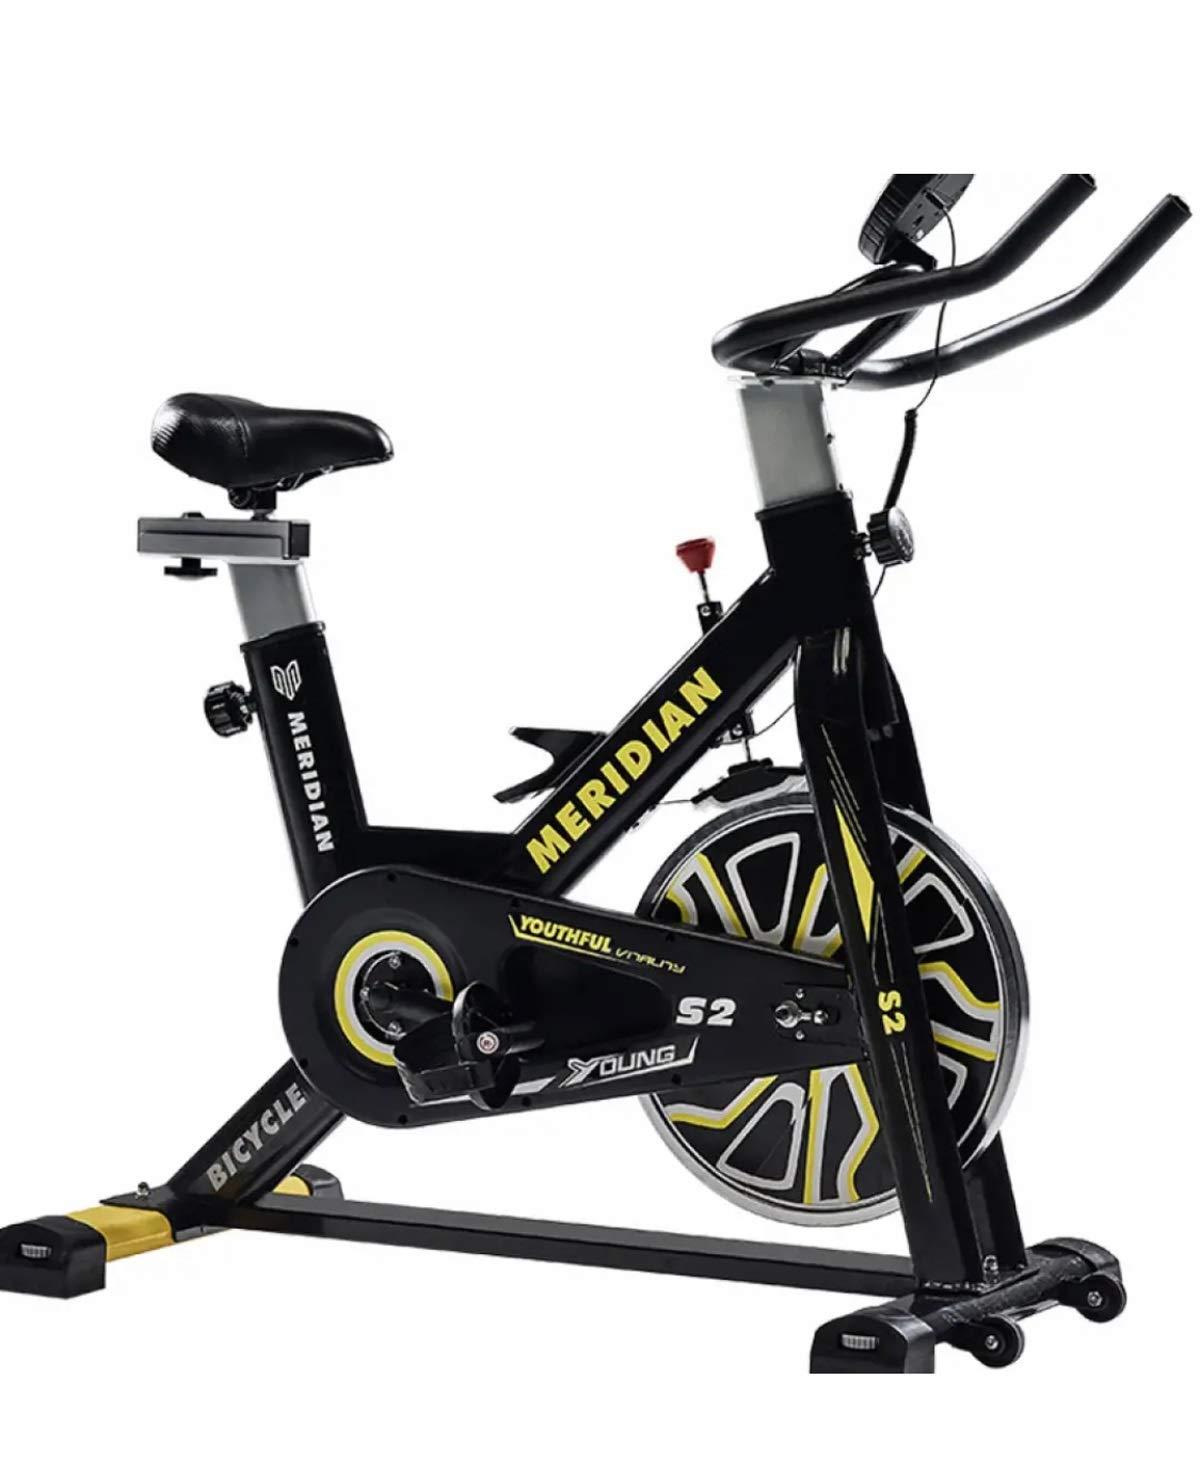 スピニングバイクエクササイズバイクホームスマートエクササイズフィットネス機器屋内エクササイズバイク減量バイクサイレントエクササイズバイク